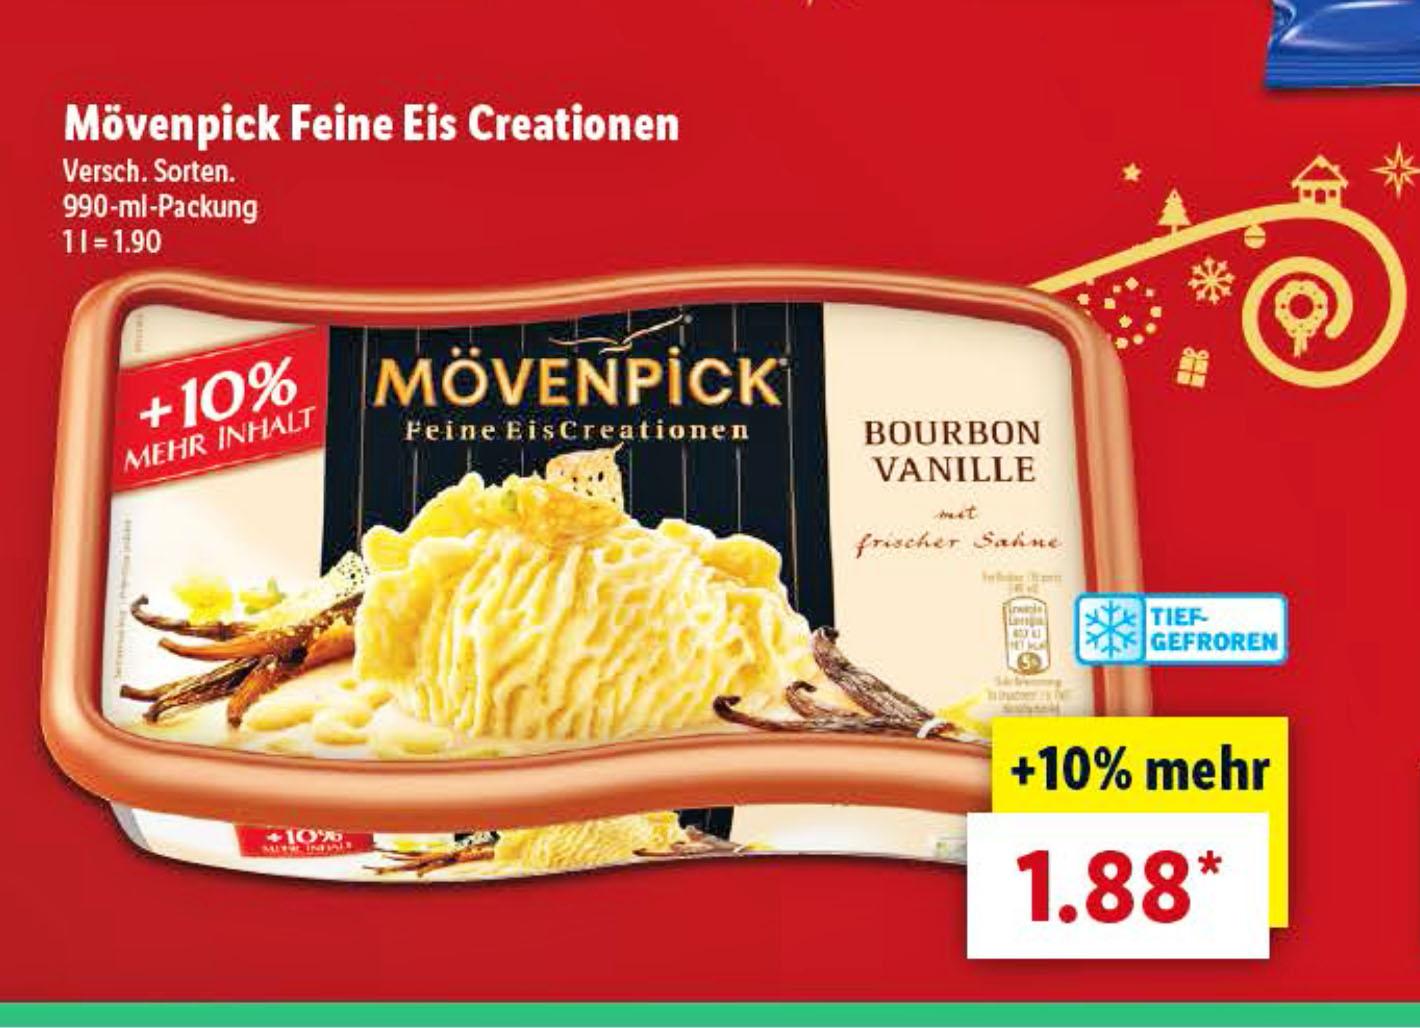 Lidl hat das Mövenpick Eis für nur 1,88€ im Angebot